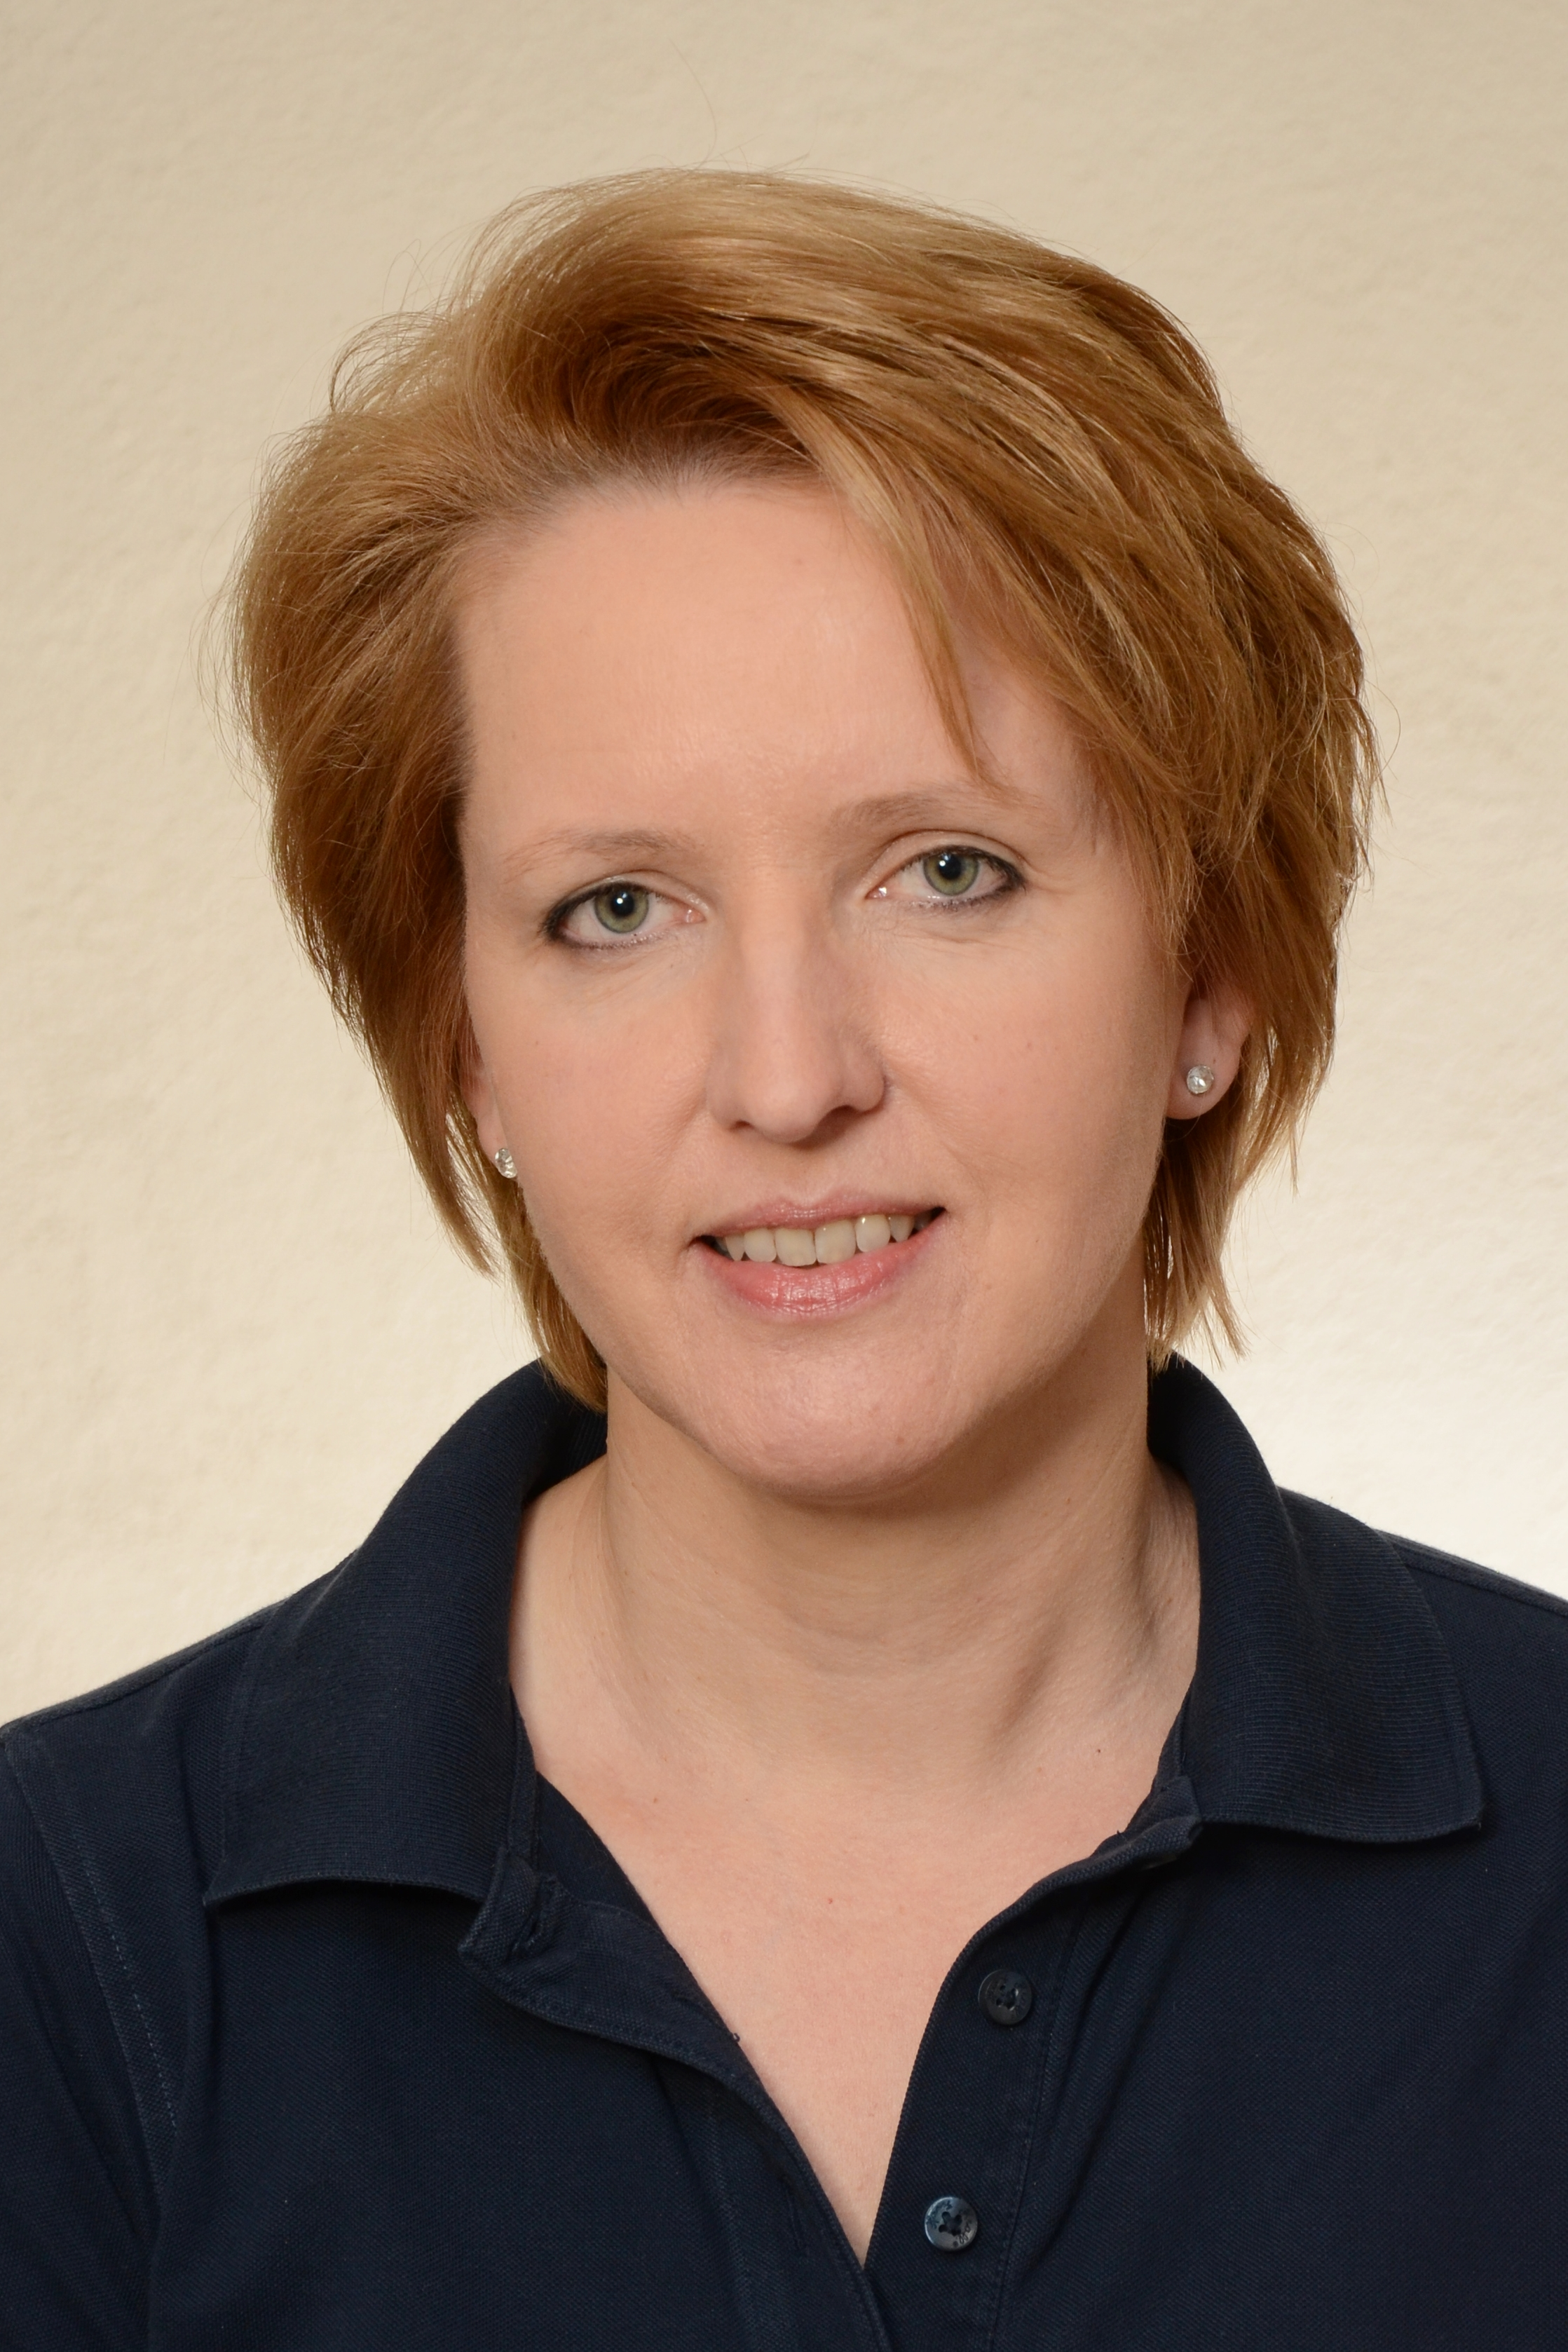 Porträtfoto von GiselaNiebert